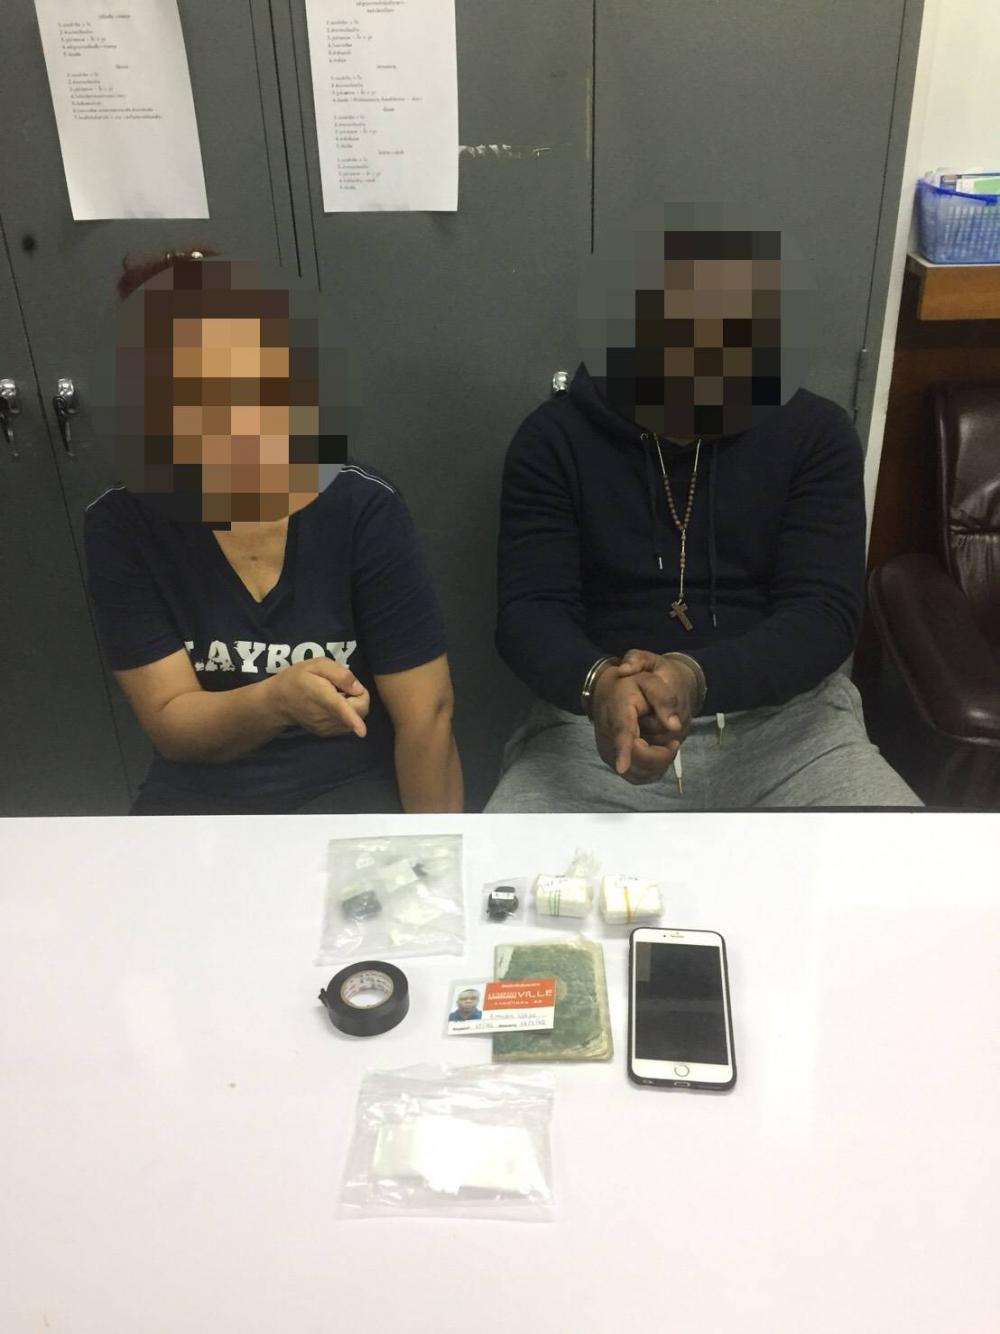 Un ressortissant nigérian et sa femme thaïlandaise ont été arrêtés pour vente de cocaïne